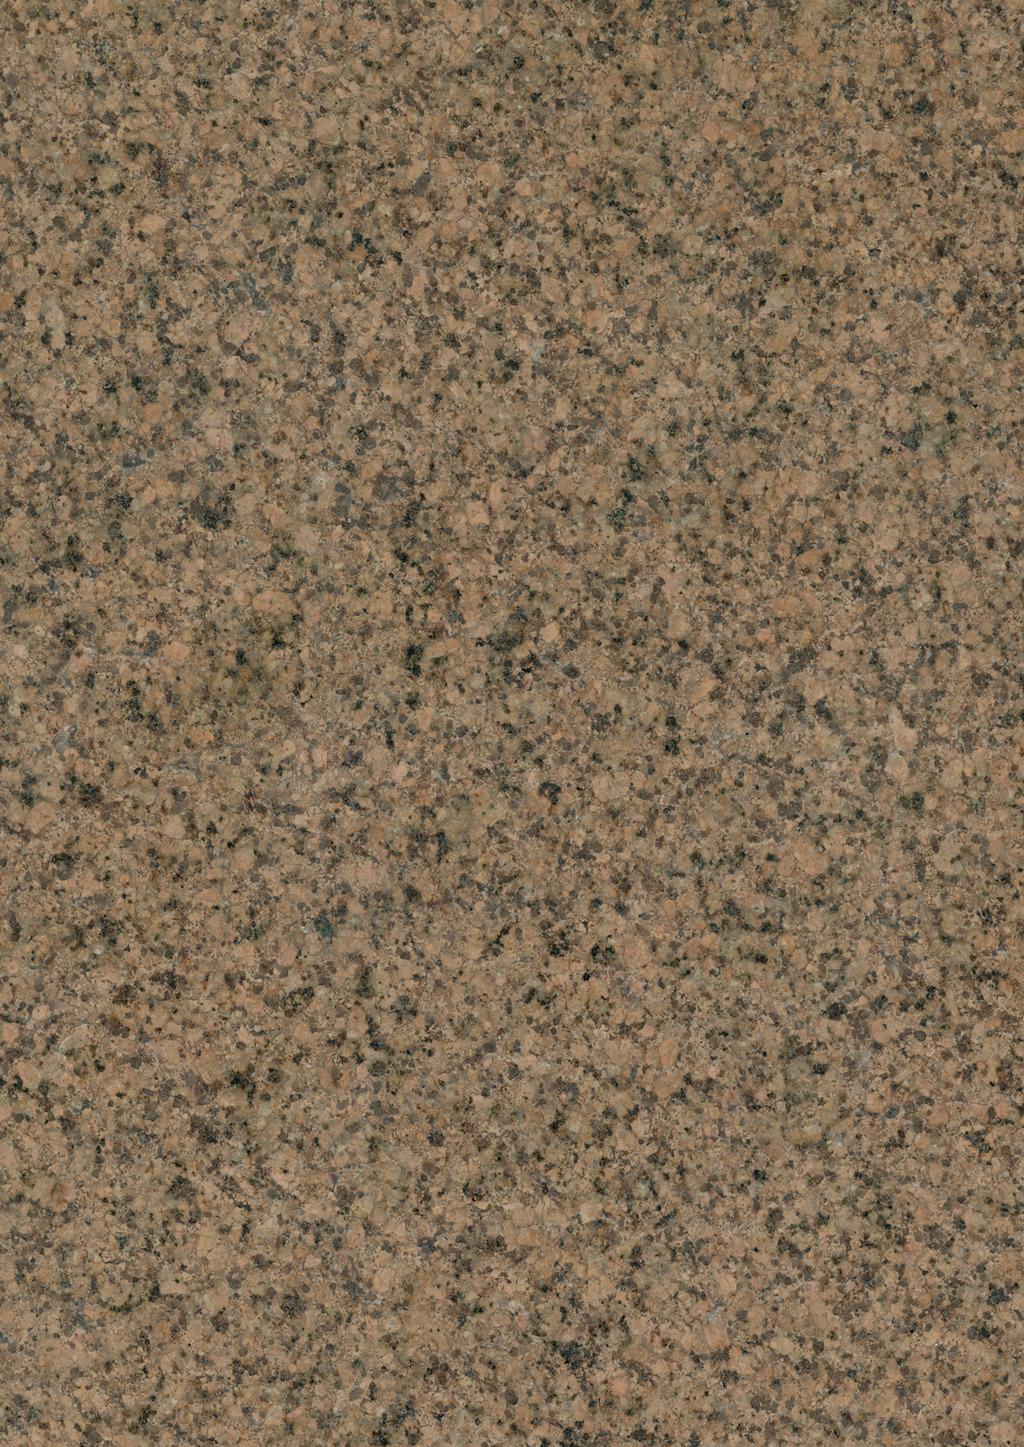 图片下载 材质/[版权图片]高清棕钻大理石材质图片下载